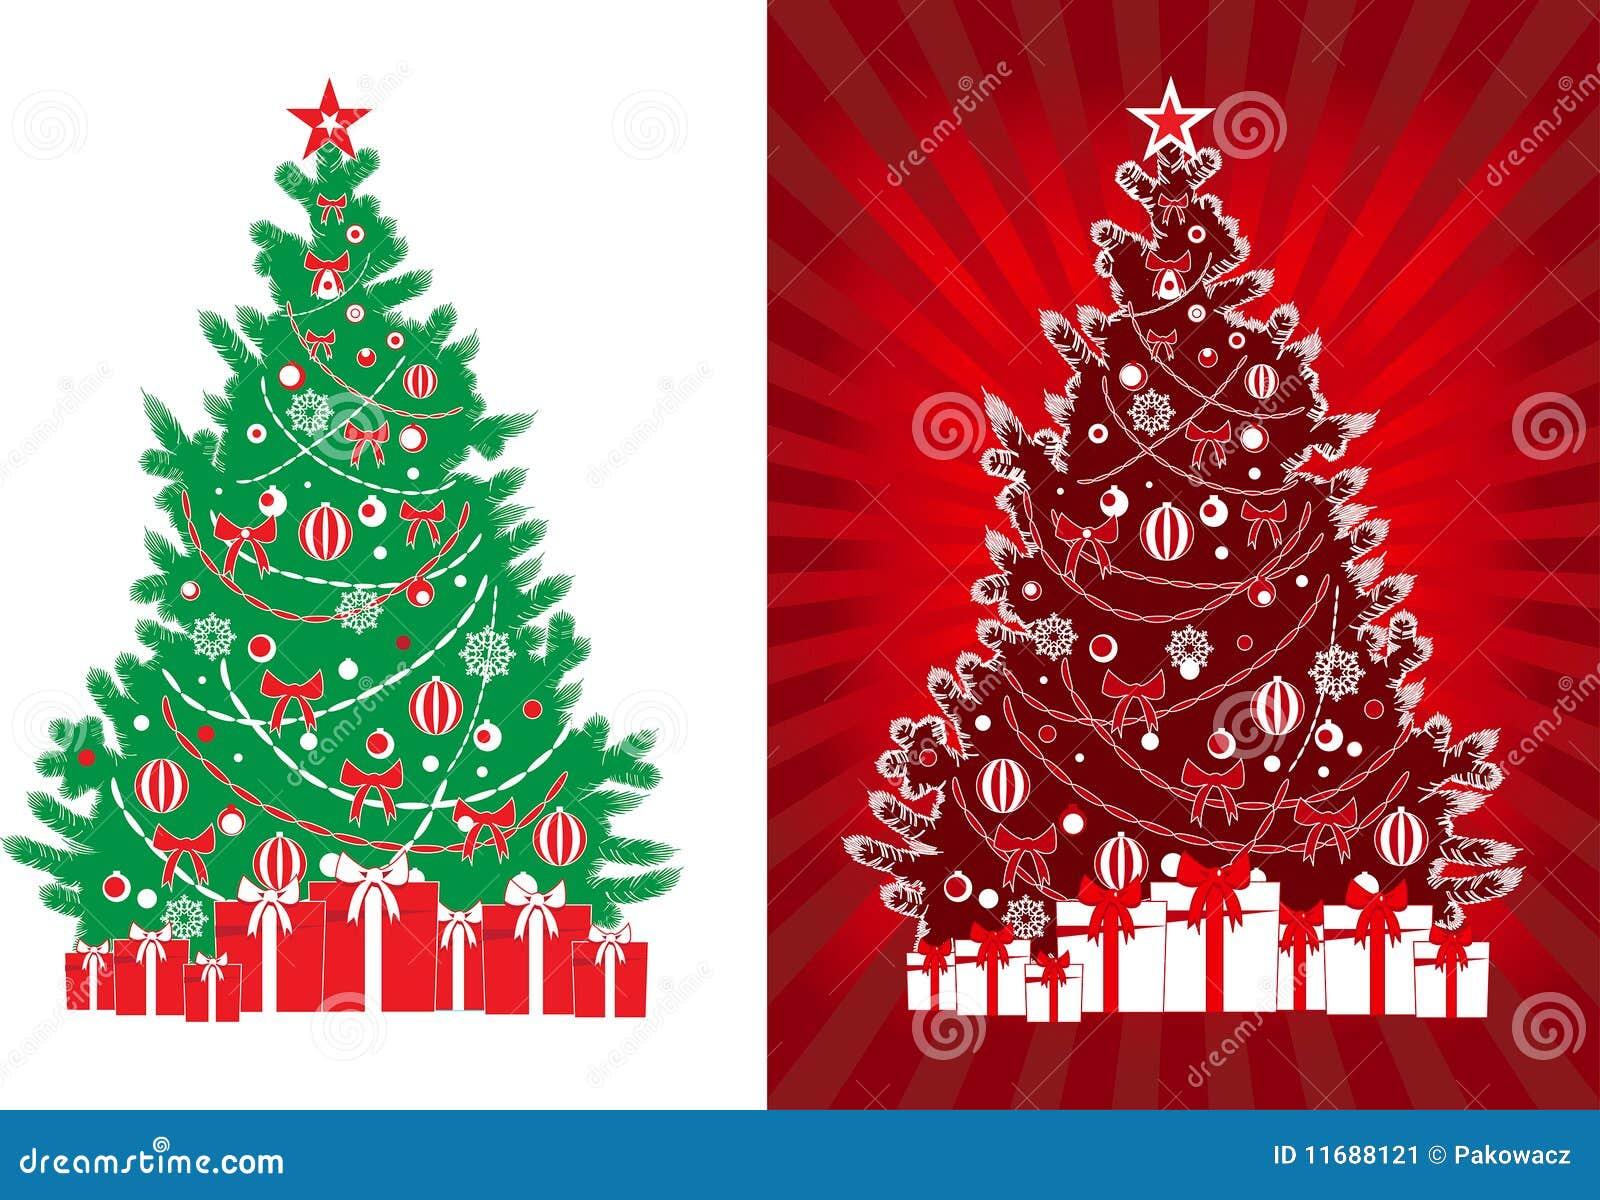 Rbol adornado de navidad del vector con los regalos - Arbol de navidad con regalos ...